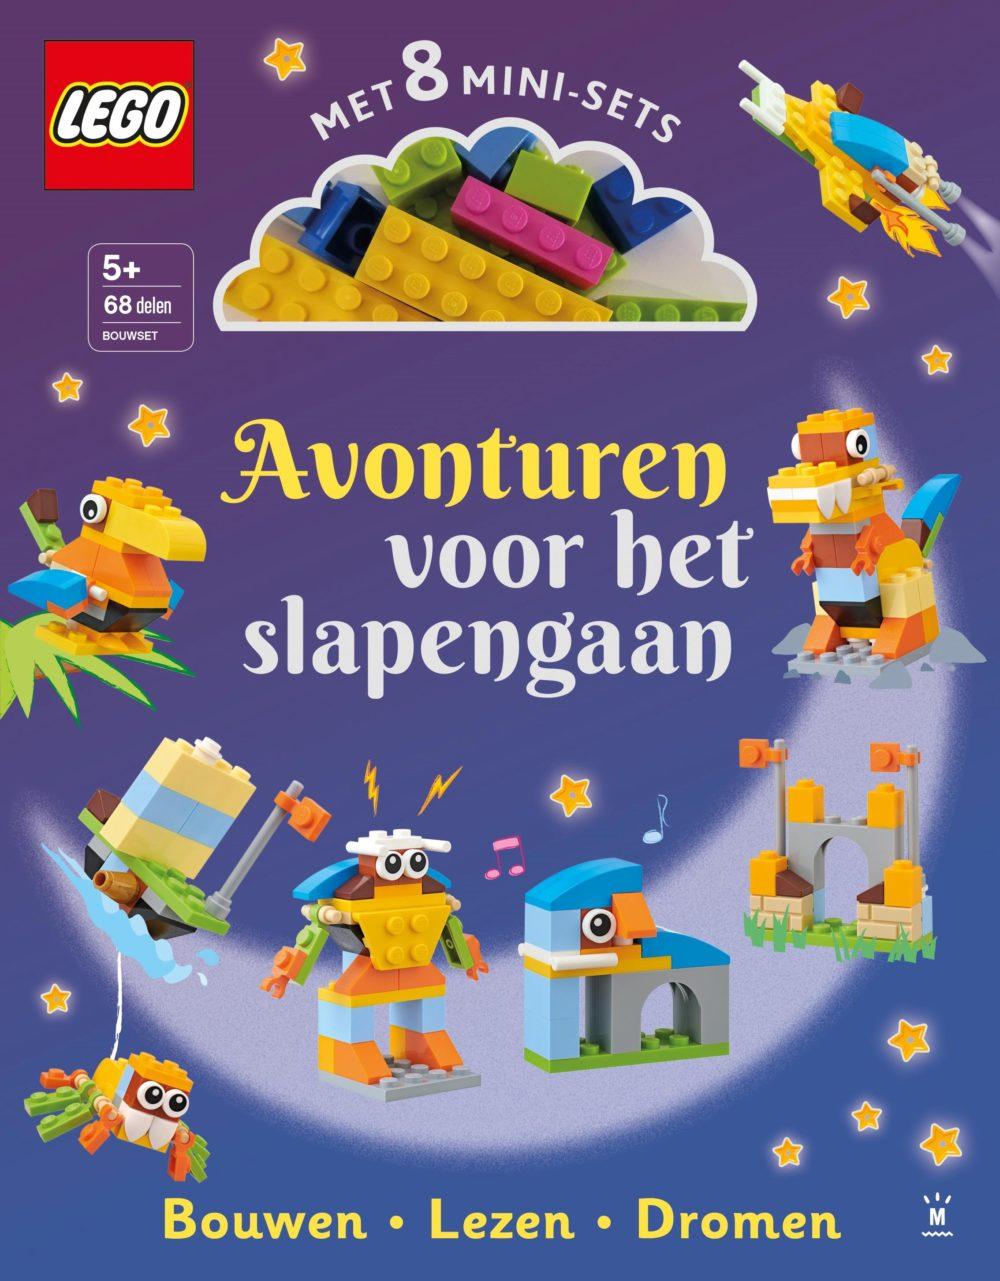 LEGO Avonturen voor het slapen gaan